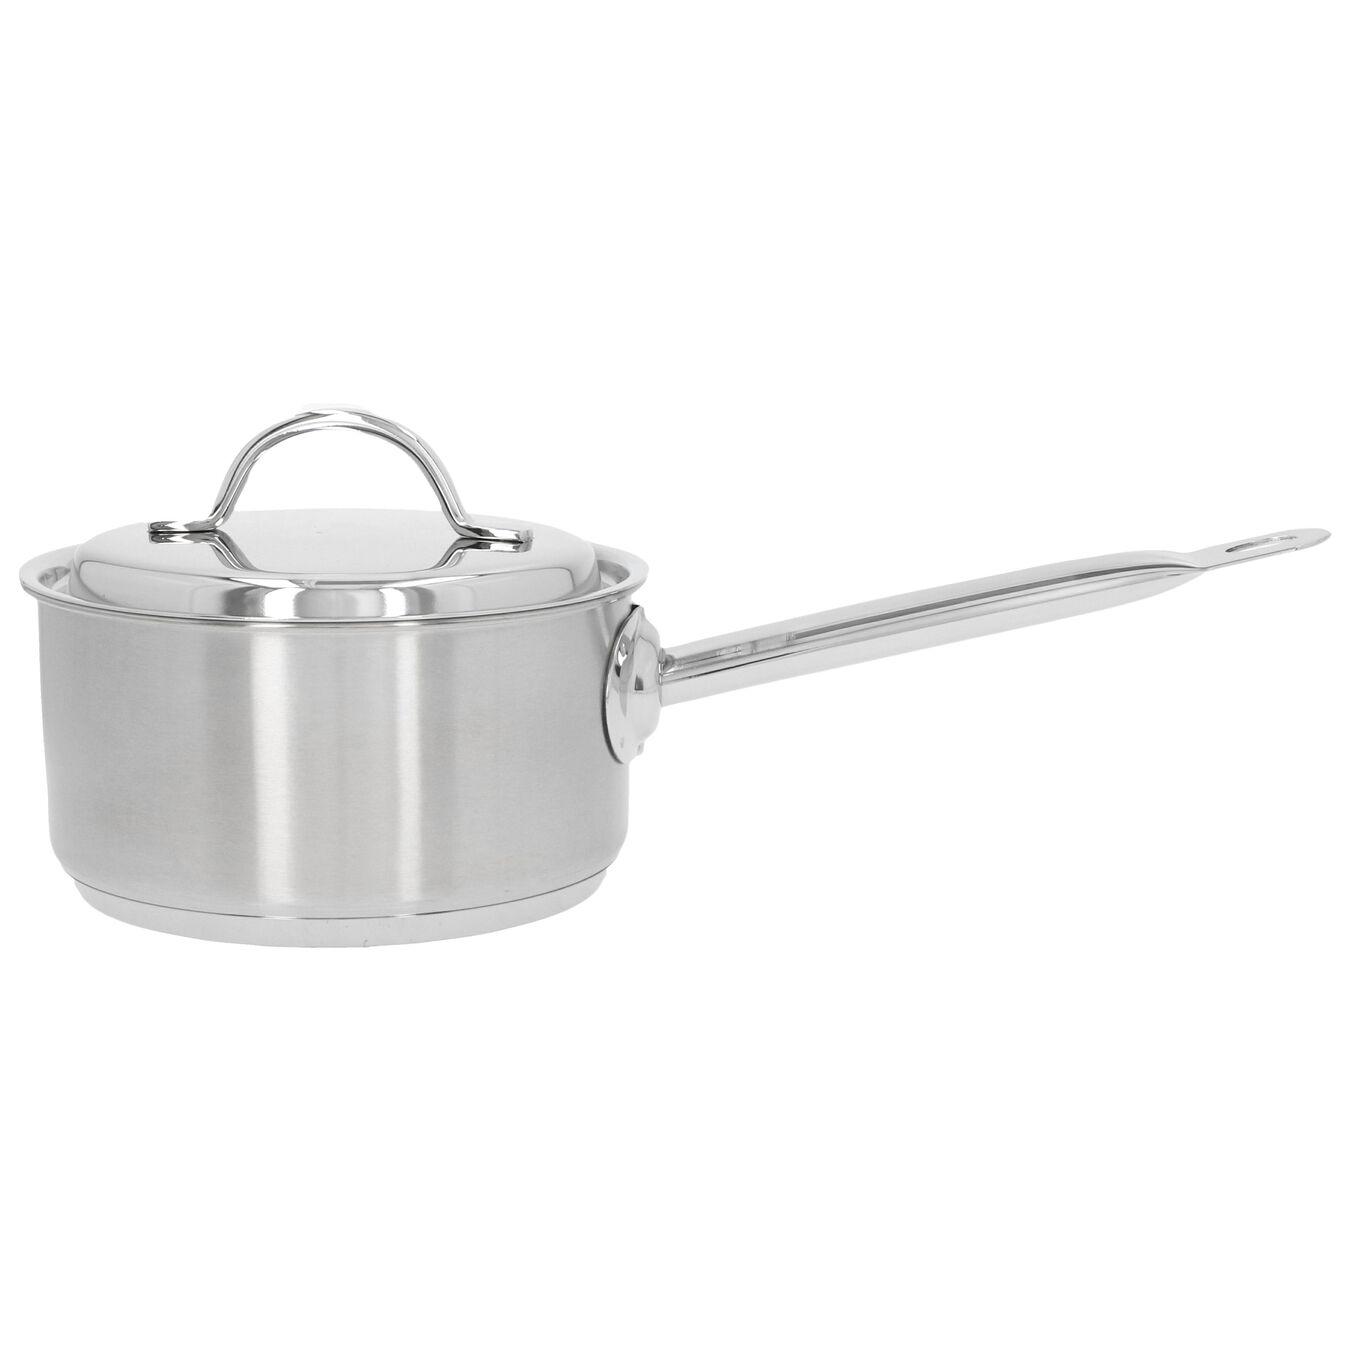 Steelpan met deksel 16 cm / 1,5 l,,large 1